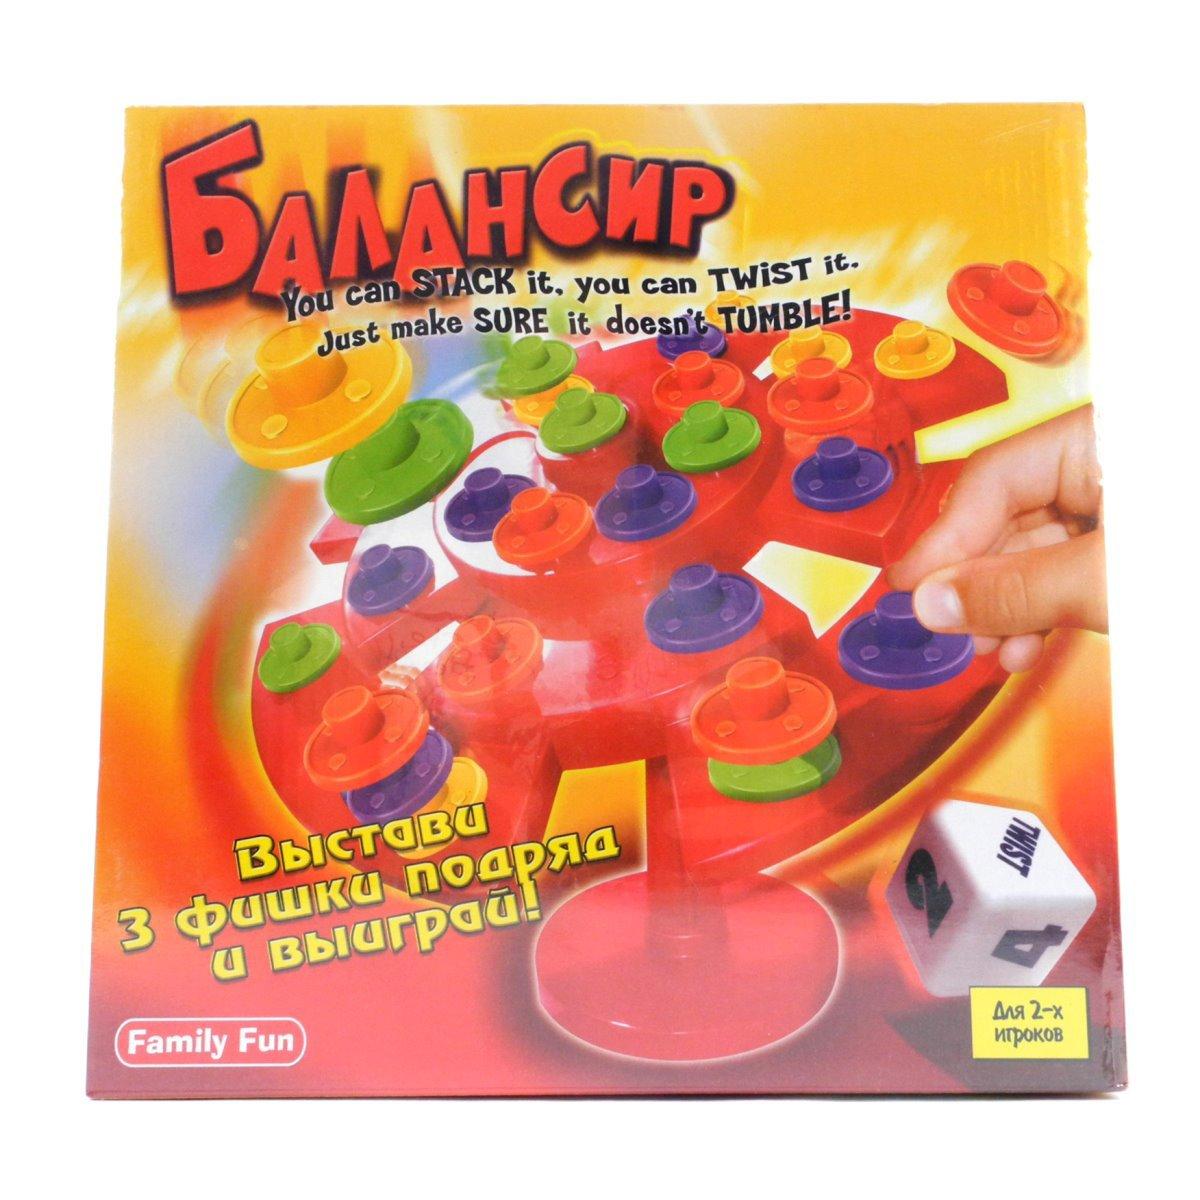 Настольная игра БалансирNST0002Настольная игра Балансир - это увлекательная и захватывающая игра для детей и взрослых, не требующая специальных условий! Цель игры - закатить шарик в нужные лунки, перемещая при этом диски по краю игровой доски. Секрет Балансира в хорошо продуманной инженерной конструкции игровой доски, которая чувствительна к любому давлению: на обратной стороне есть выпуклость, которая и заставляет доску раскачиваться. Доска никогда не перестает двигаться; шарик катается, усложняя задачу игроков. Передвигая специальные фишки-грузики по игровому полю и смещая его равновесие, попробуйте загнать шарик в цветную лунку. Выигрывает тот, кто первым загонит шарик в 4 лунки подряд. Только не забудьте, что последовательность цветов имеет значение. Игра станет не только любимым семейным развлечением, но и разнообразит встречу друзей на любой вечеринке. А может стоить как-нибудь организовать турнир по балансировке?